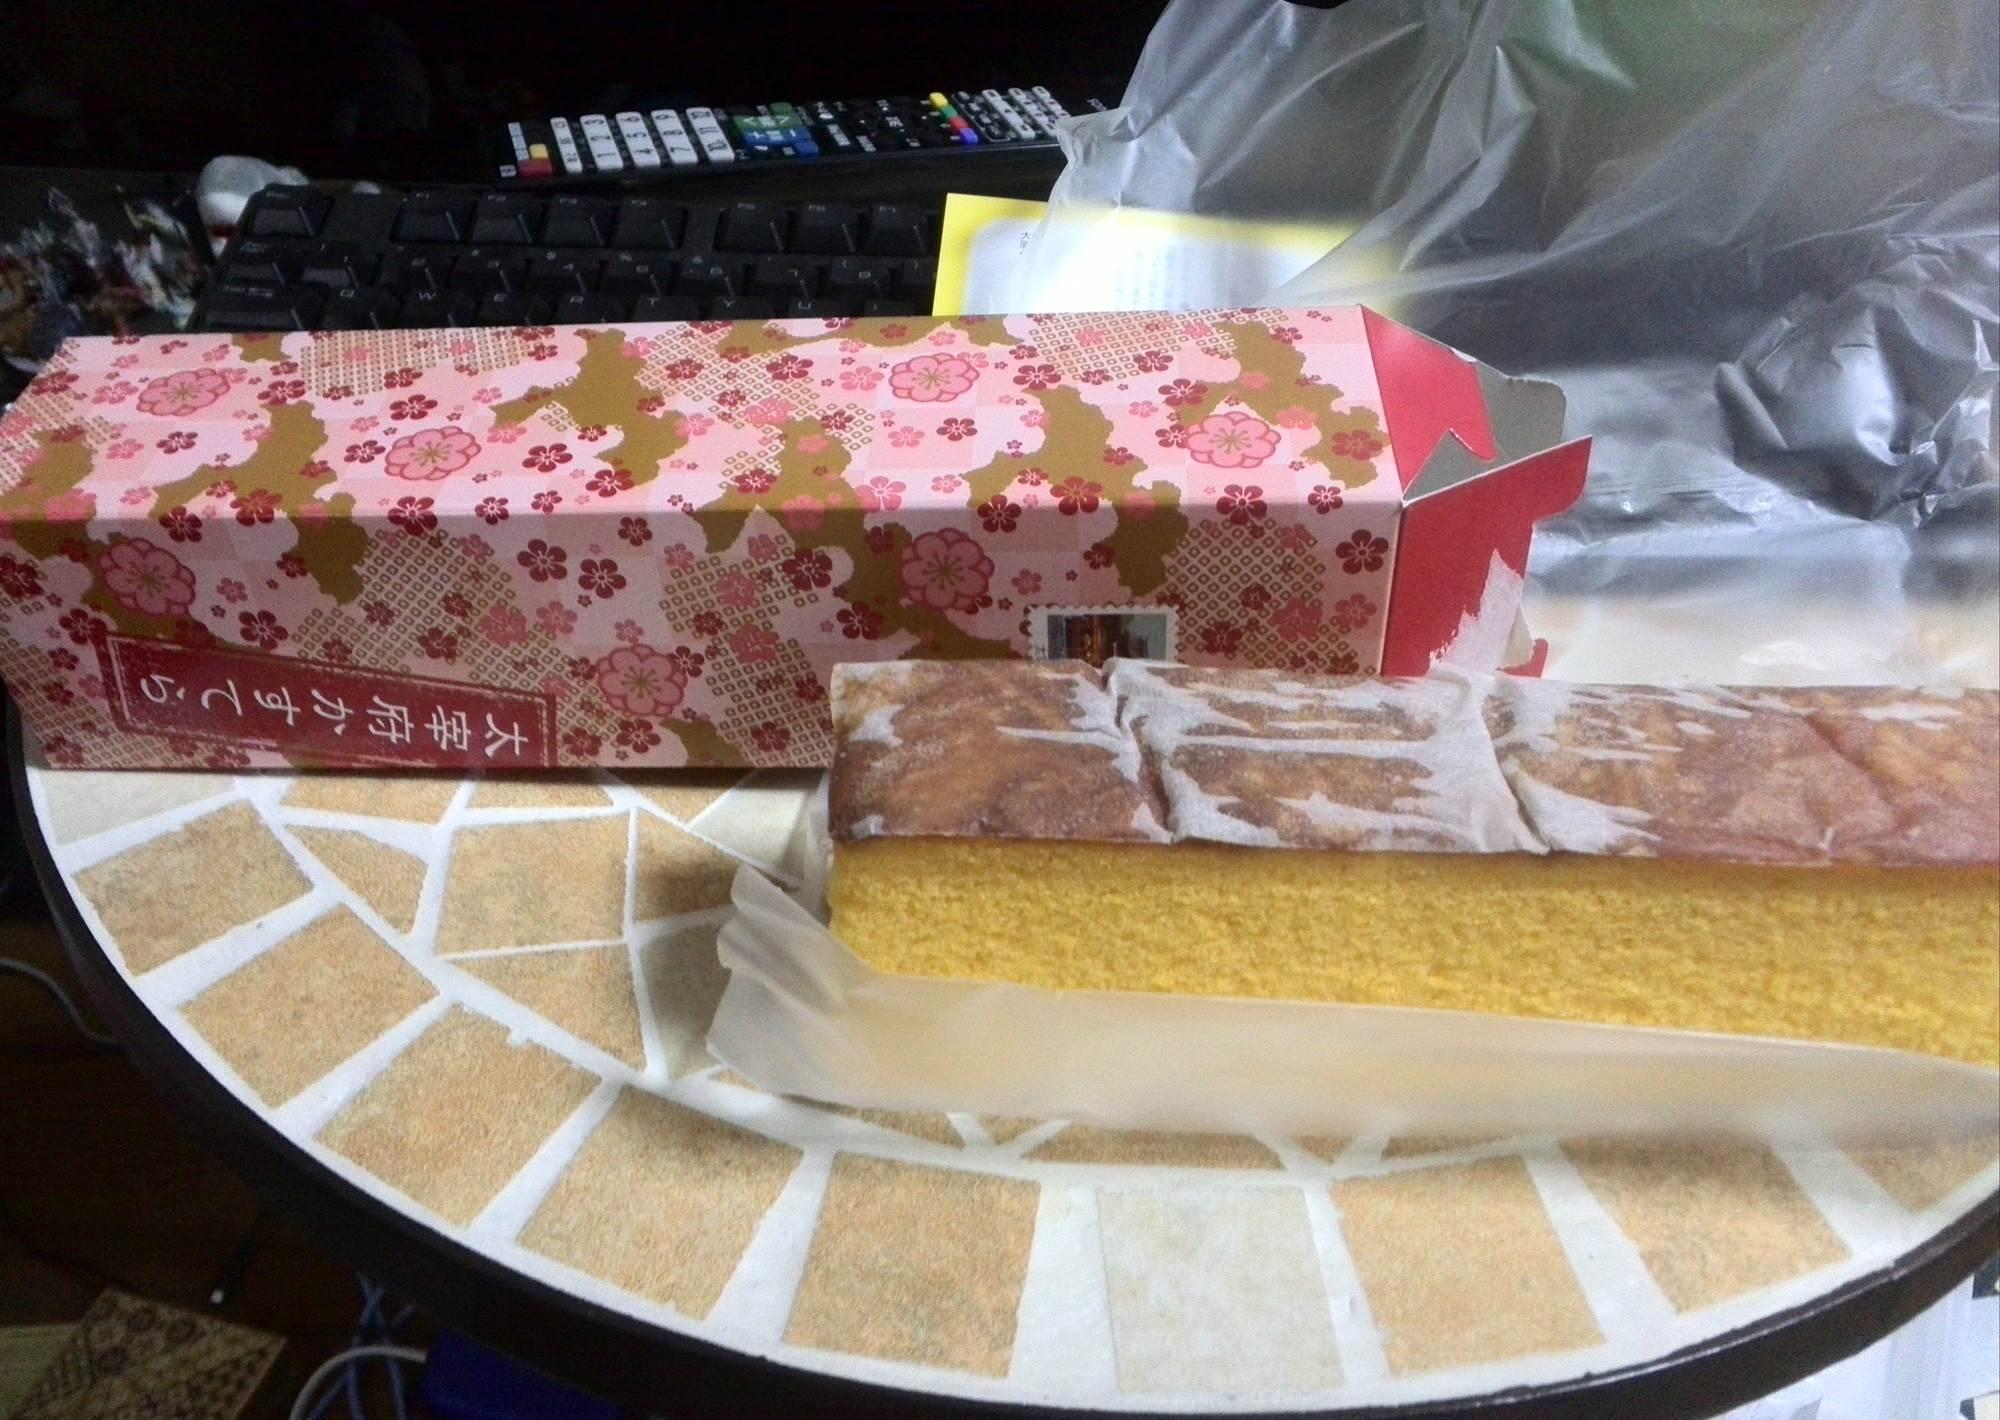 太宰府天満宮で購入したカステラ。枇杷(びわ)の味がします